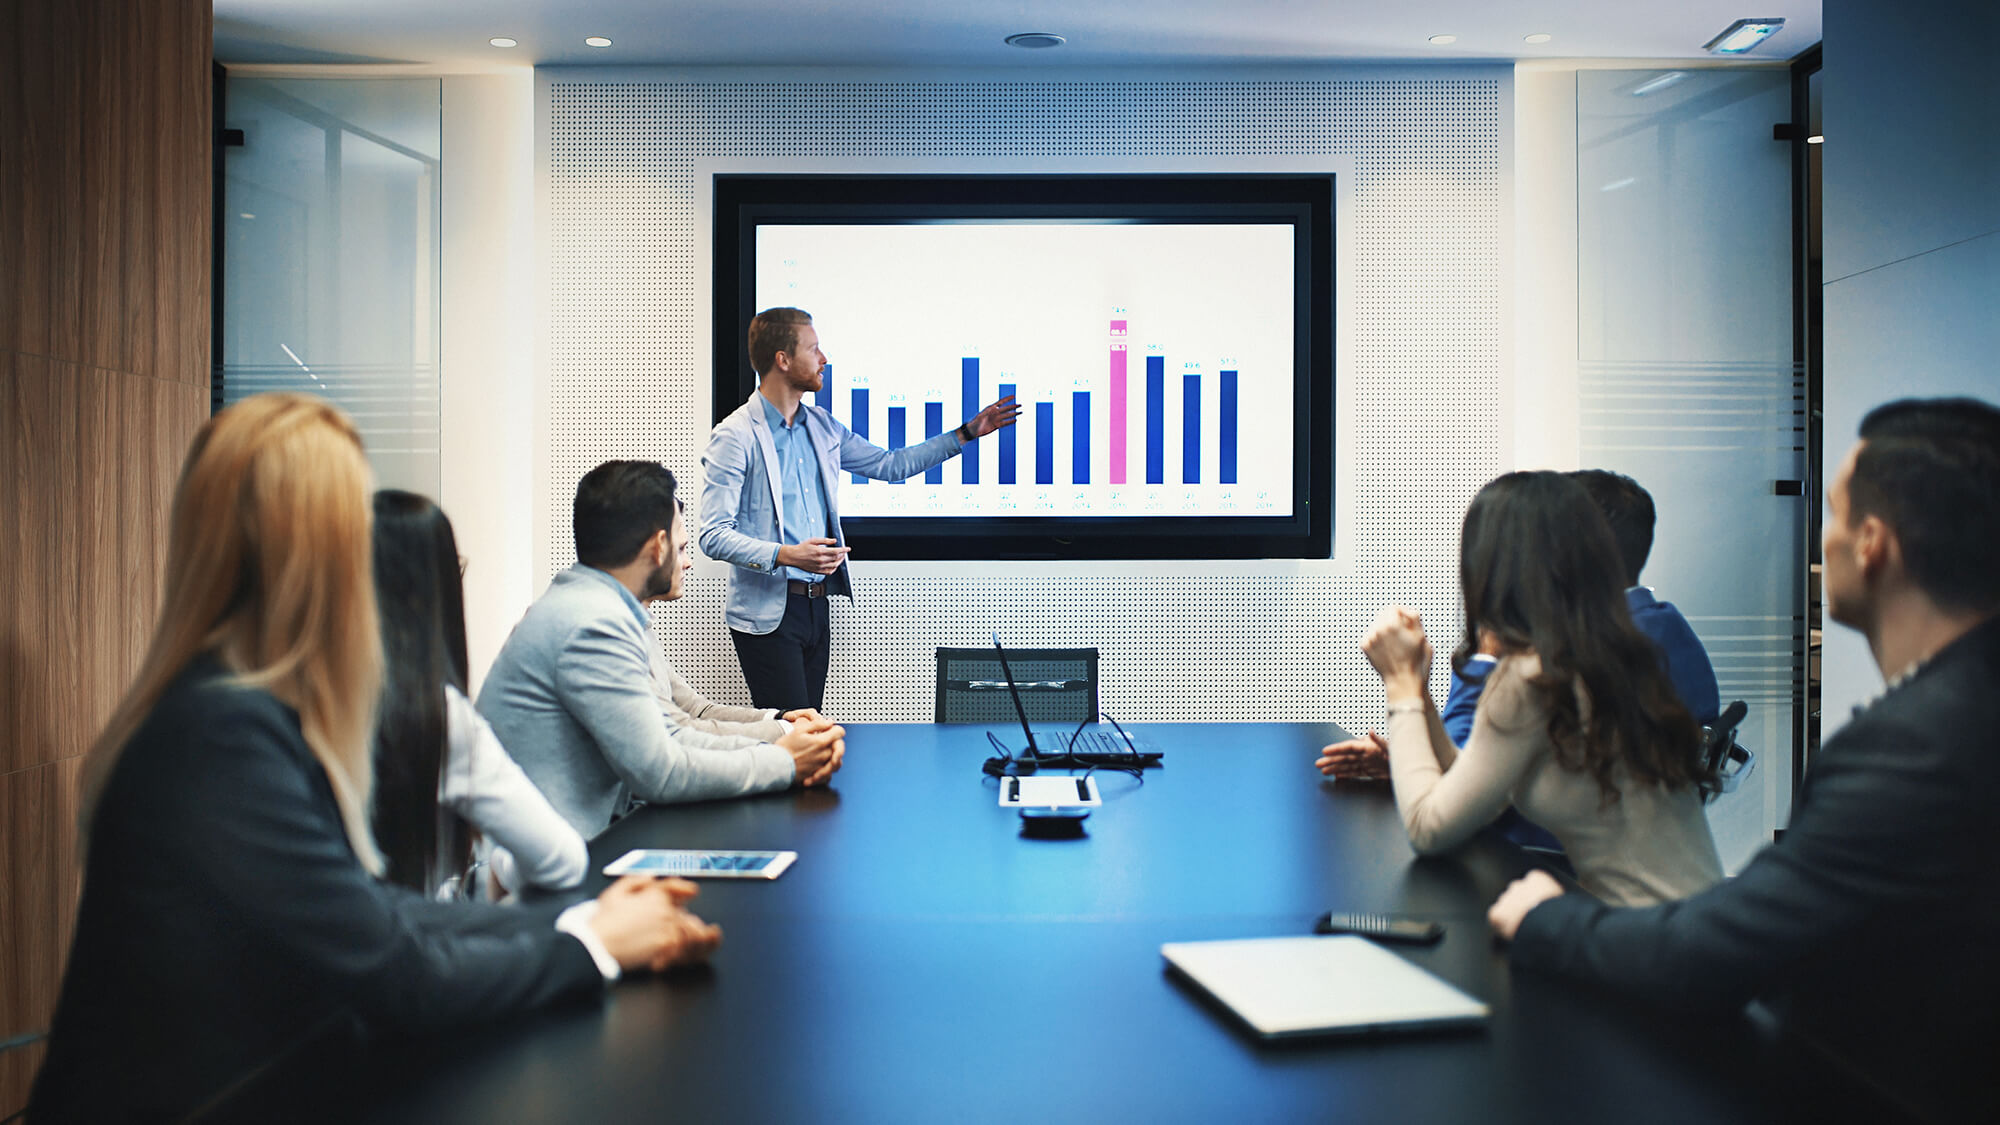 Corporate collaboration